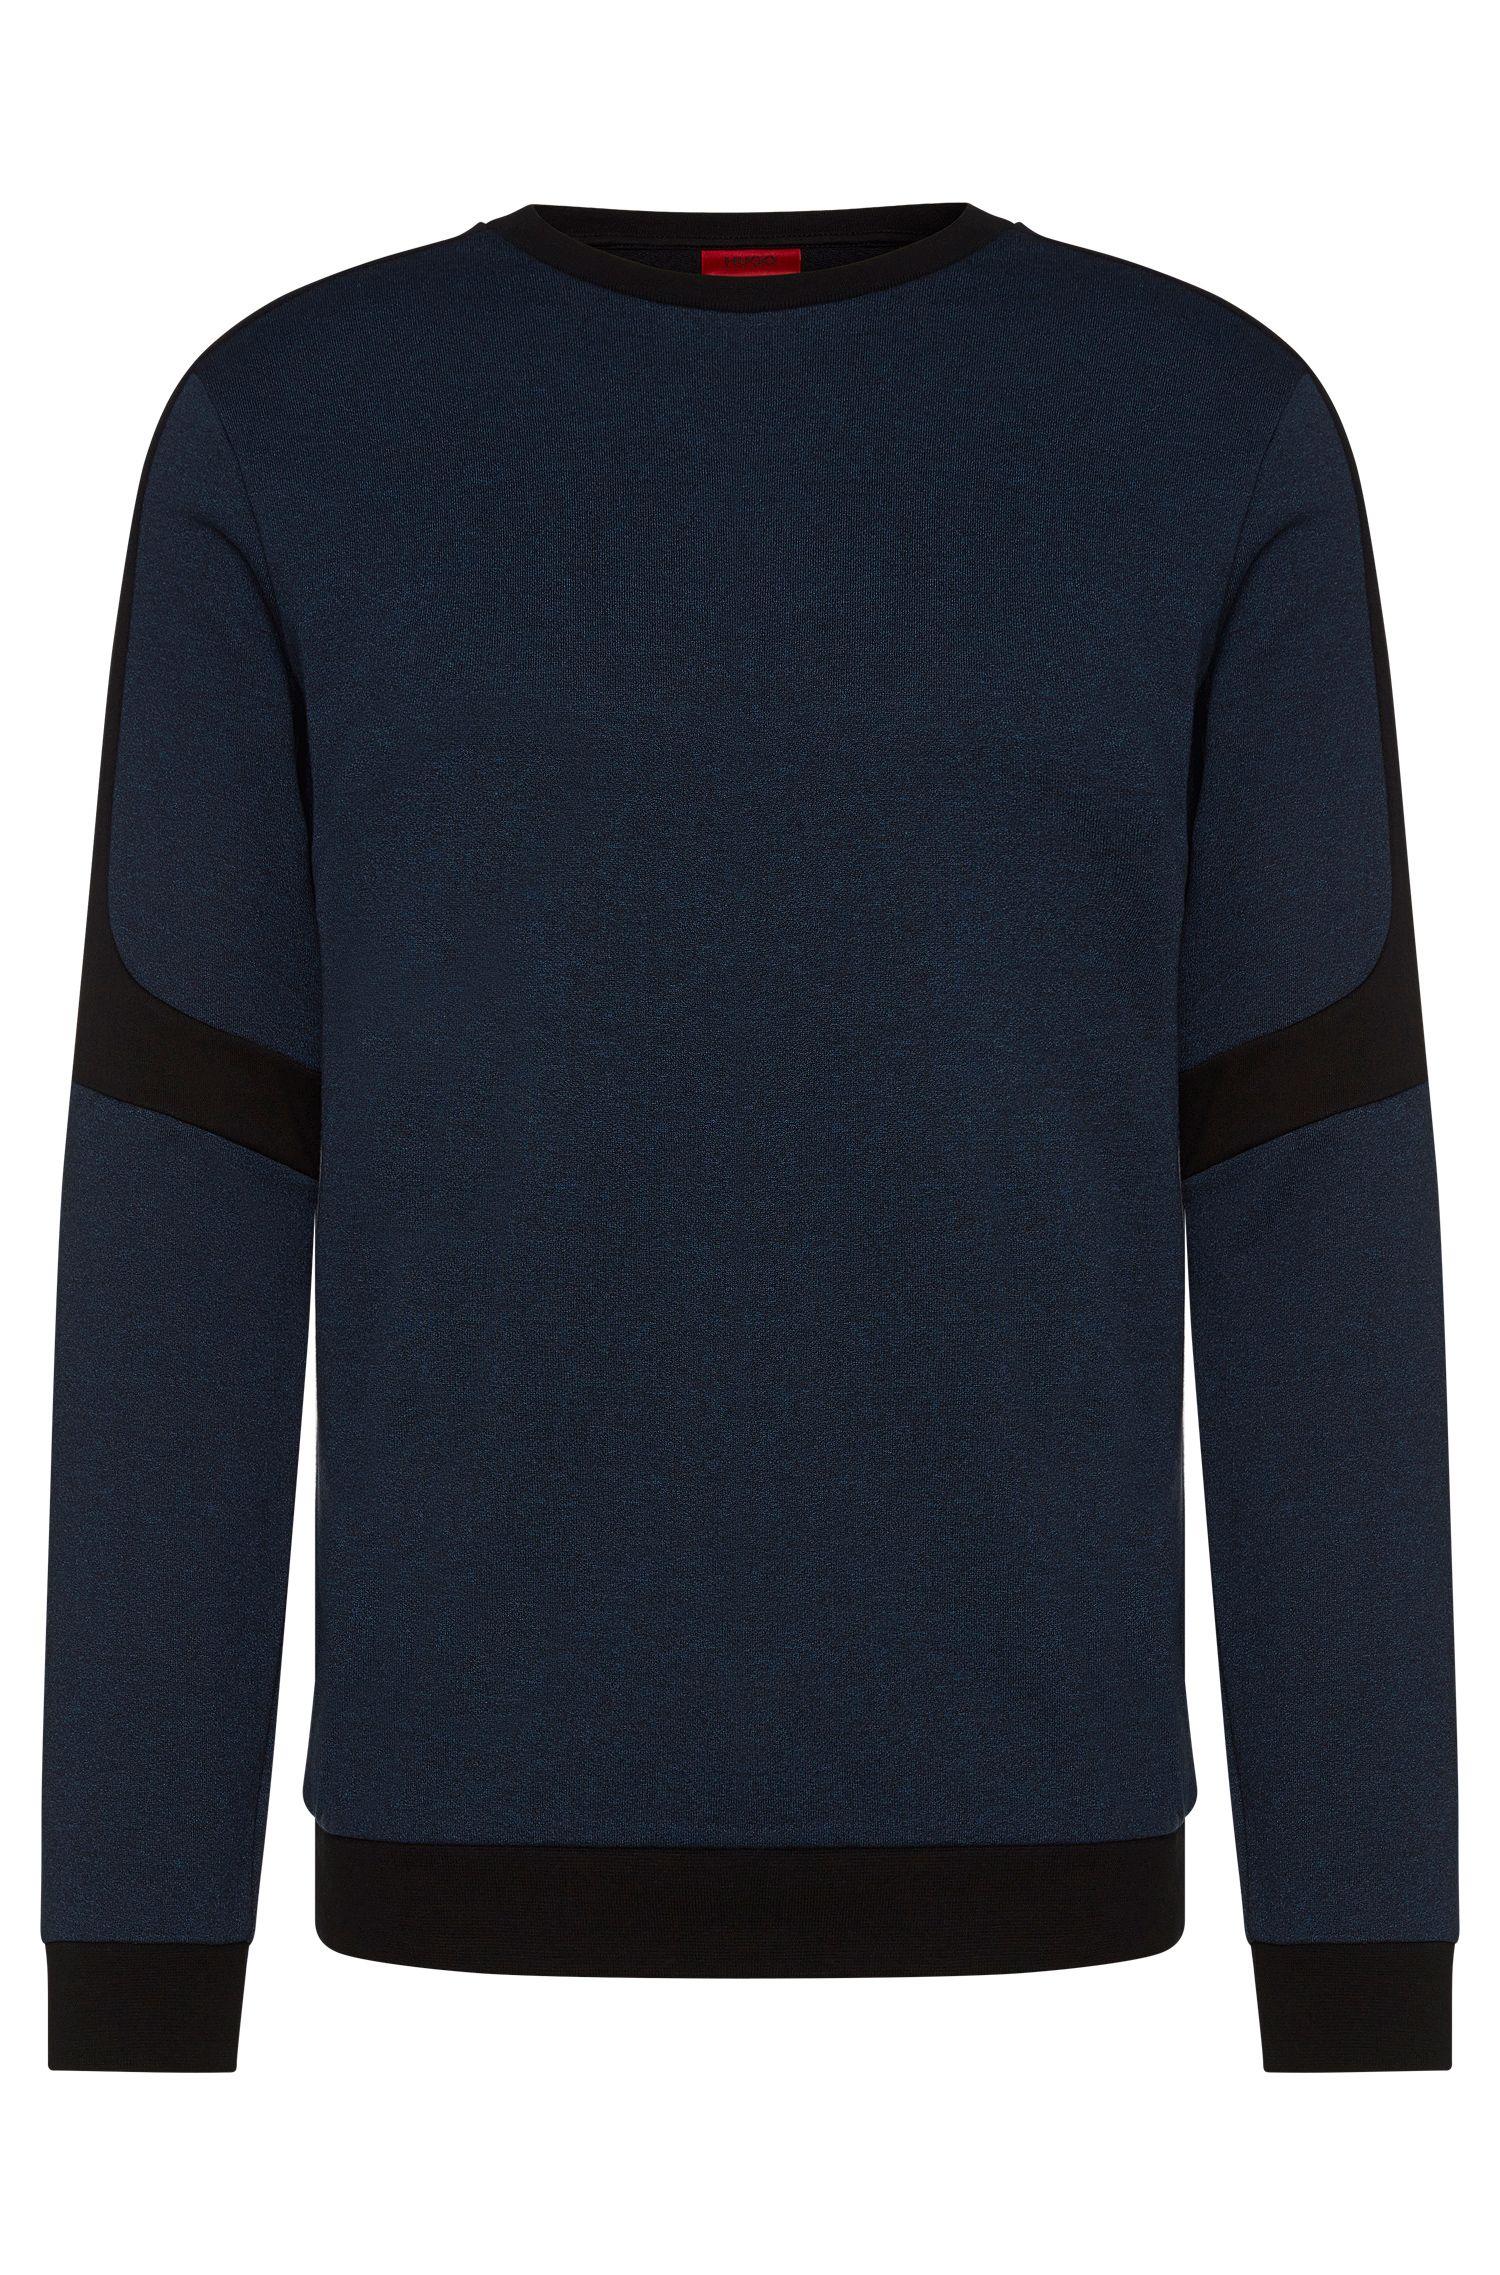 Relaxed-Fit Sweatshirt aus Baumwoll-Mix mit kontrastfarbenen Einsätzen: 'Dunion'